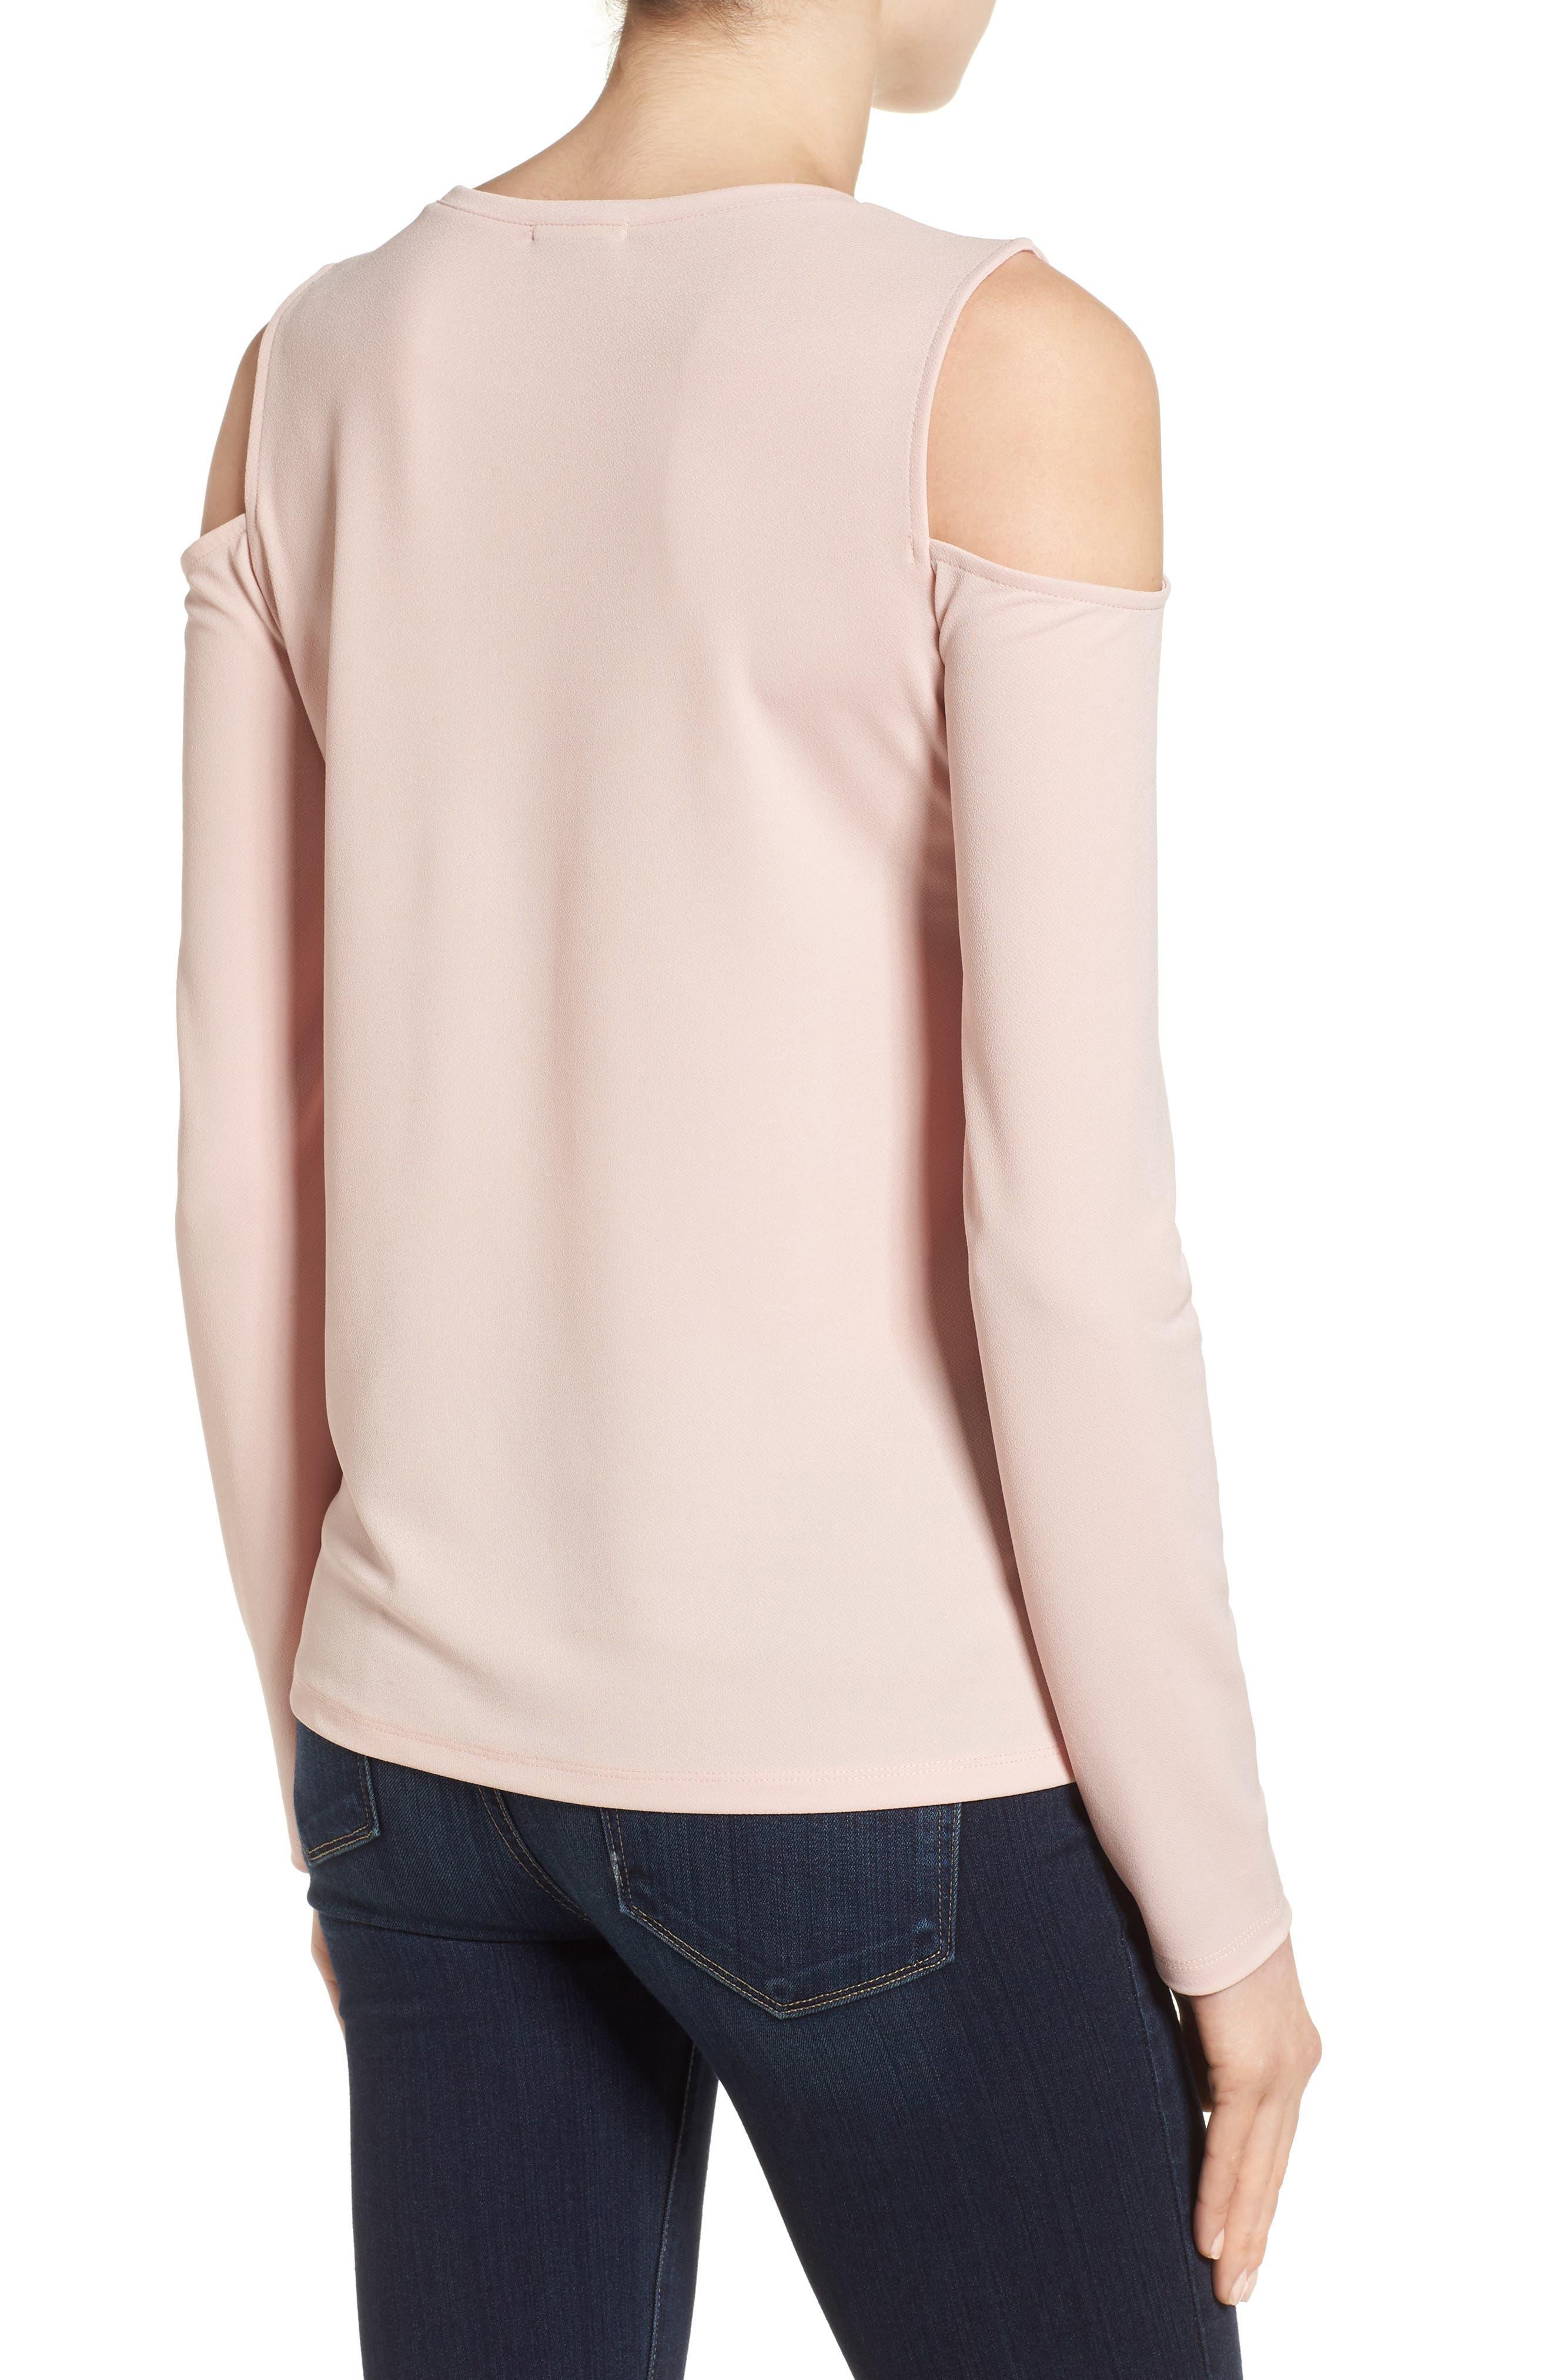 Alternate Image 3  - Halogen® Stretch Knit Cold Shoulder Top (Regular & Petite)